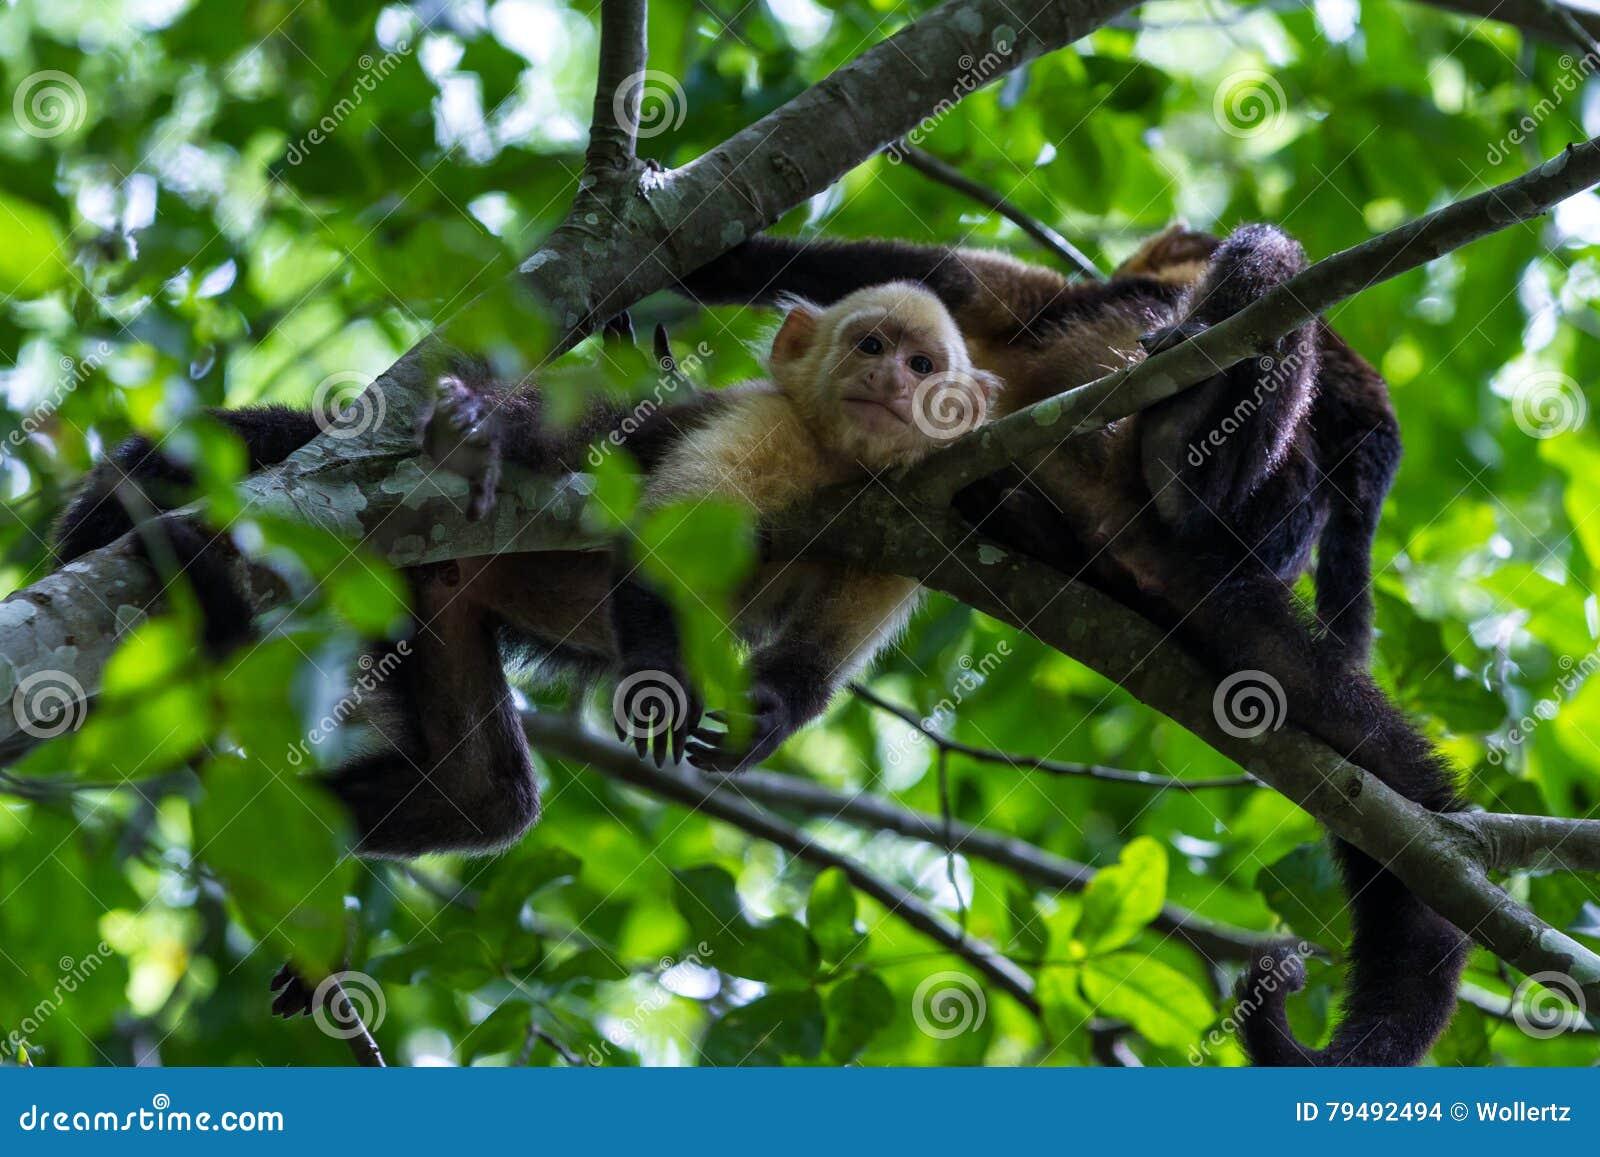 Weißer vorangegangener Capuchin - Cebus-capucinus - Pura Vida